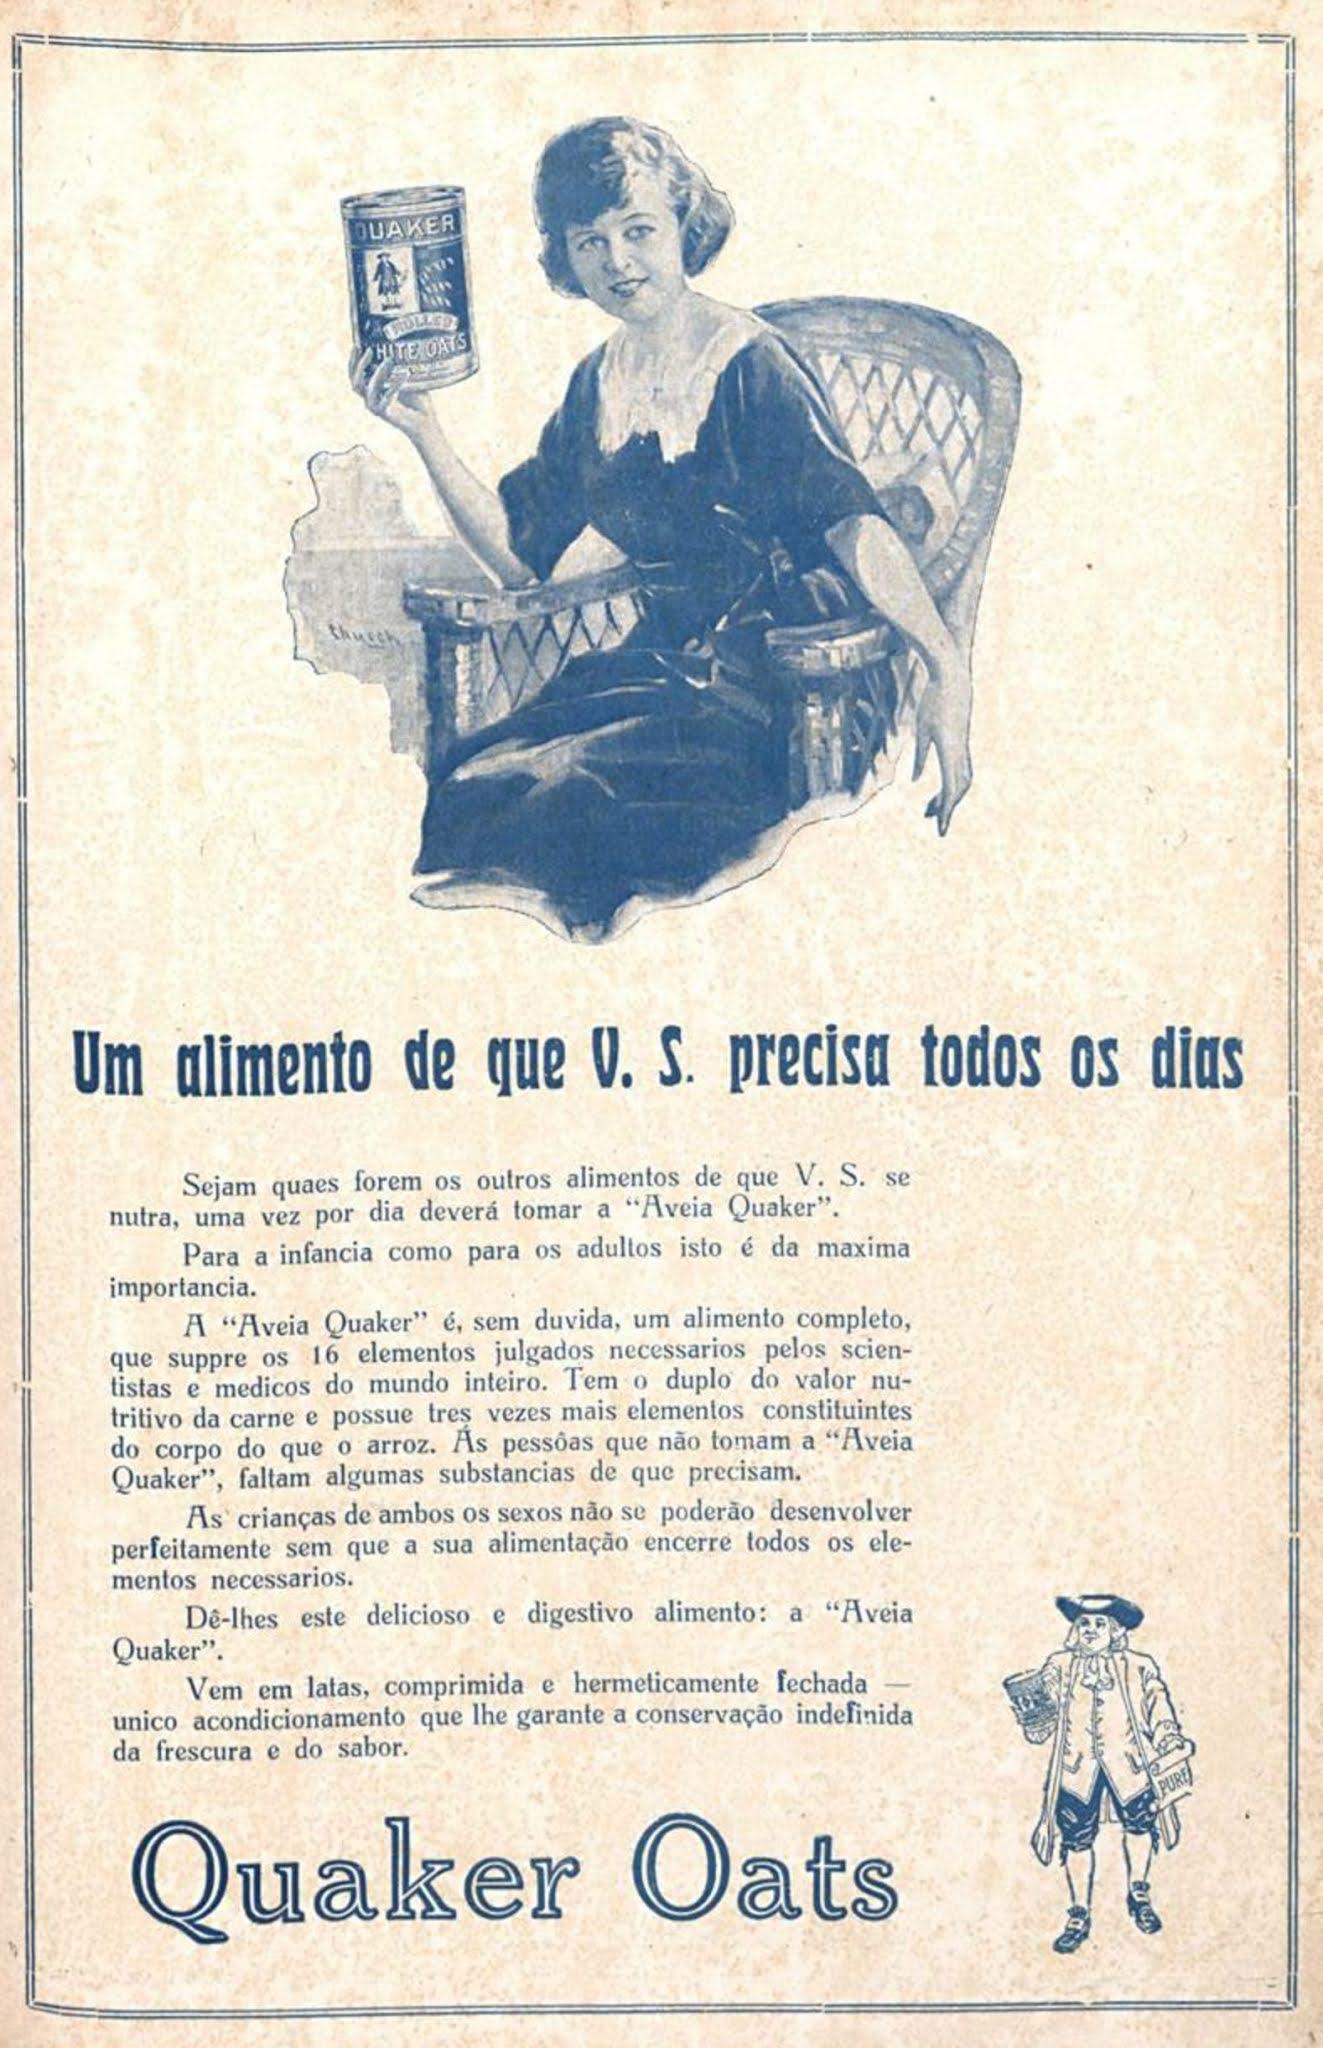 Anúncio de 1923 promovia a Aveia Quaker para alimentação de crianças e adultos